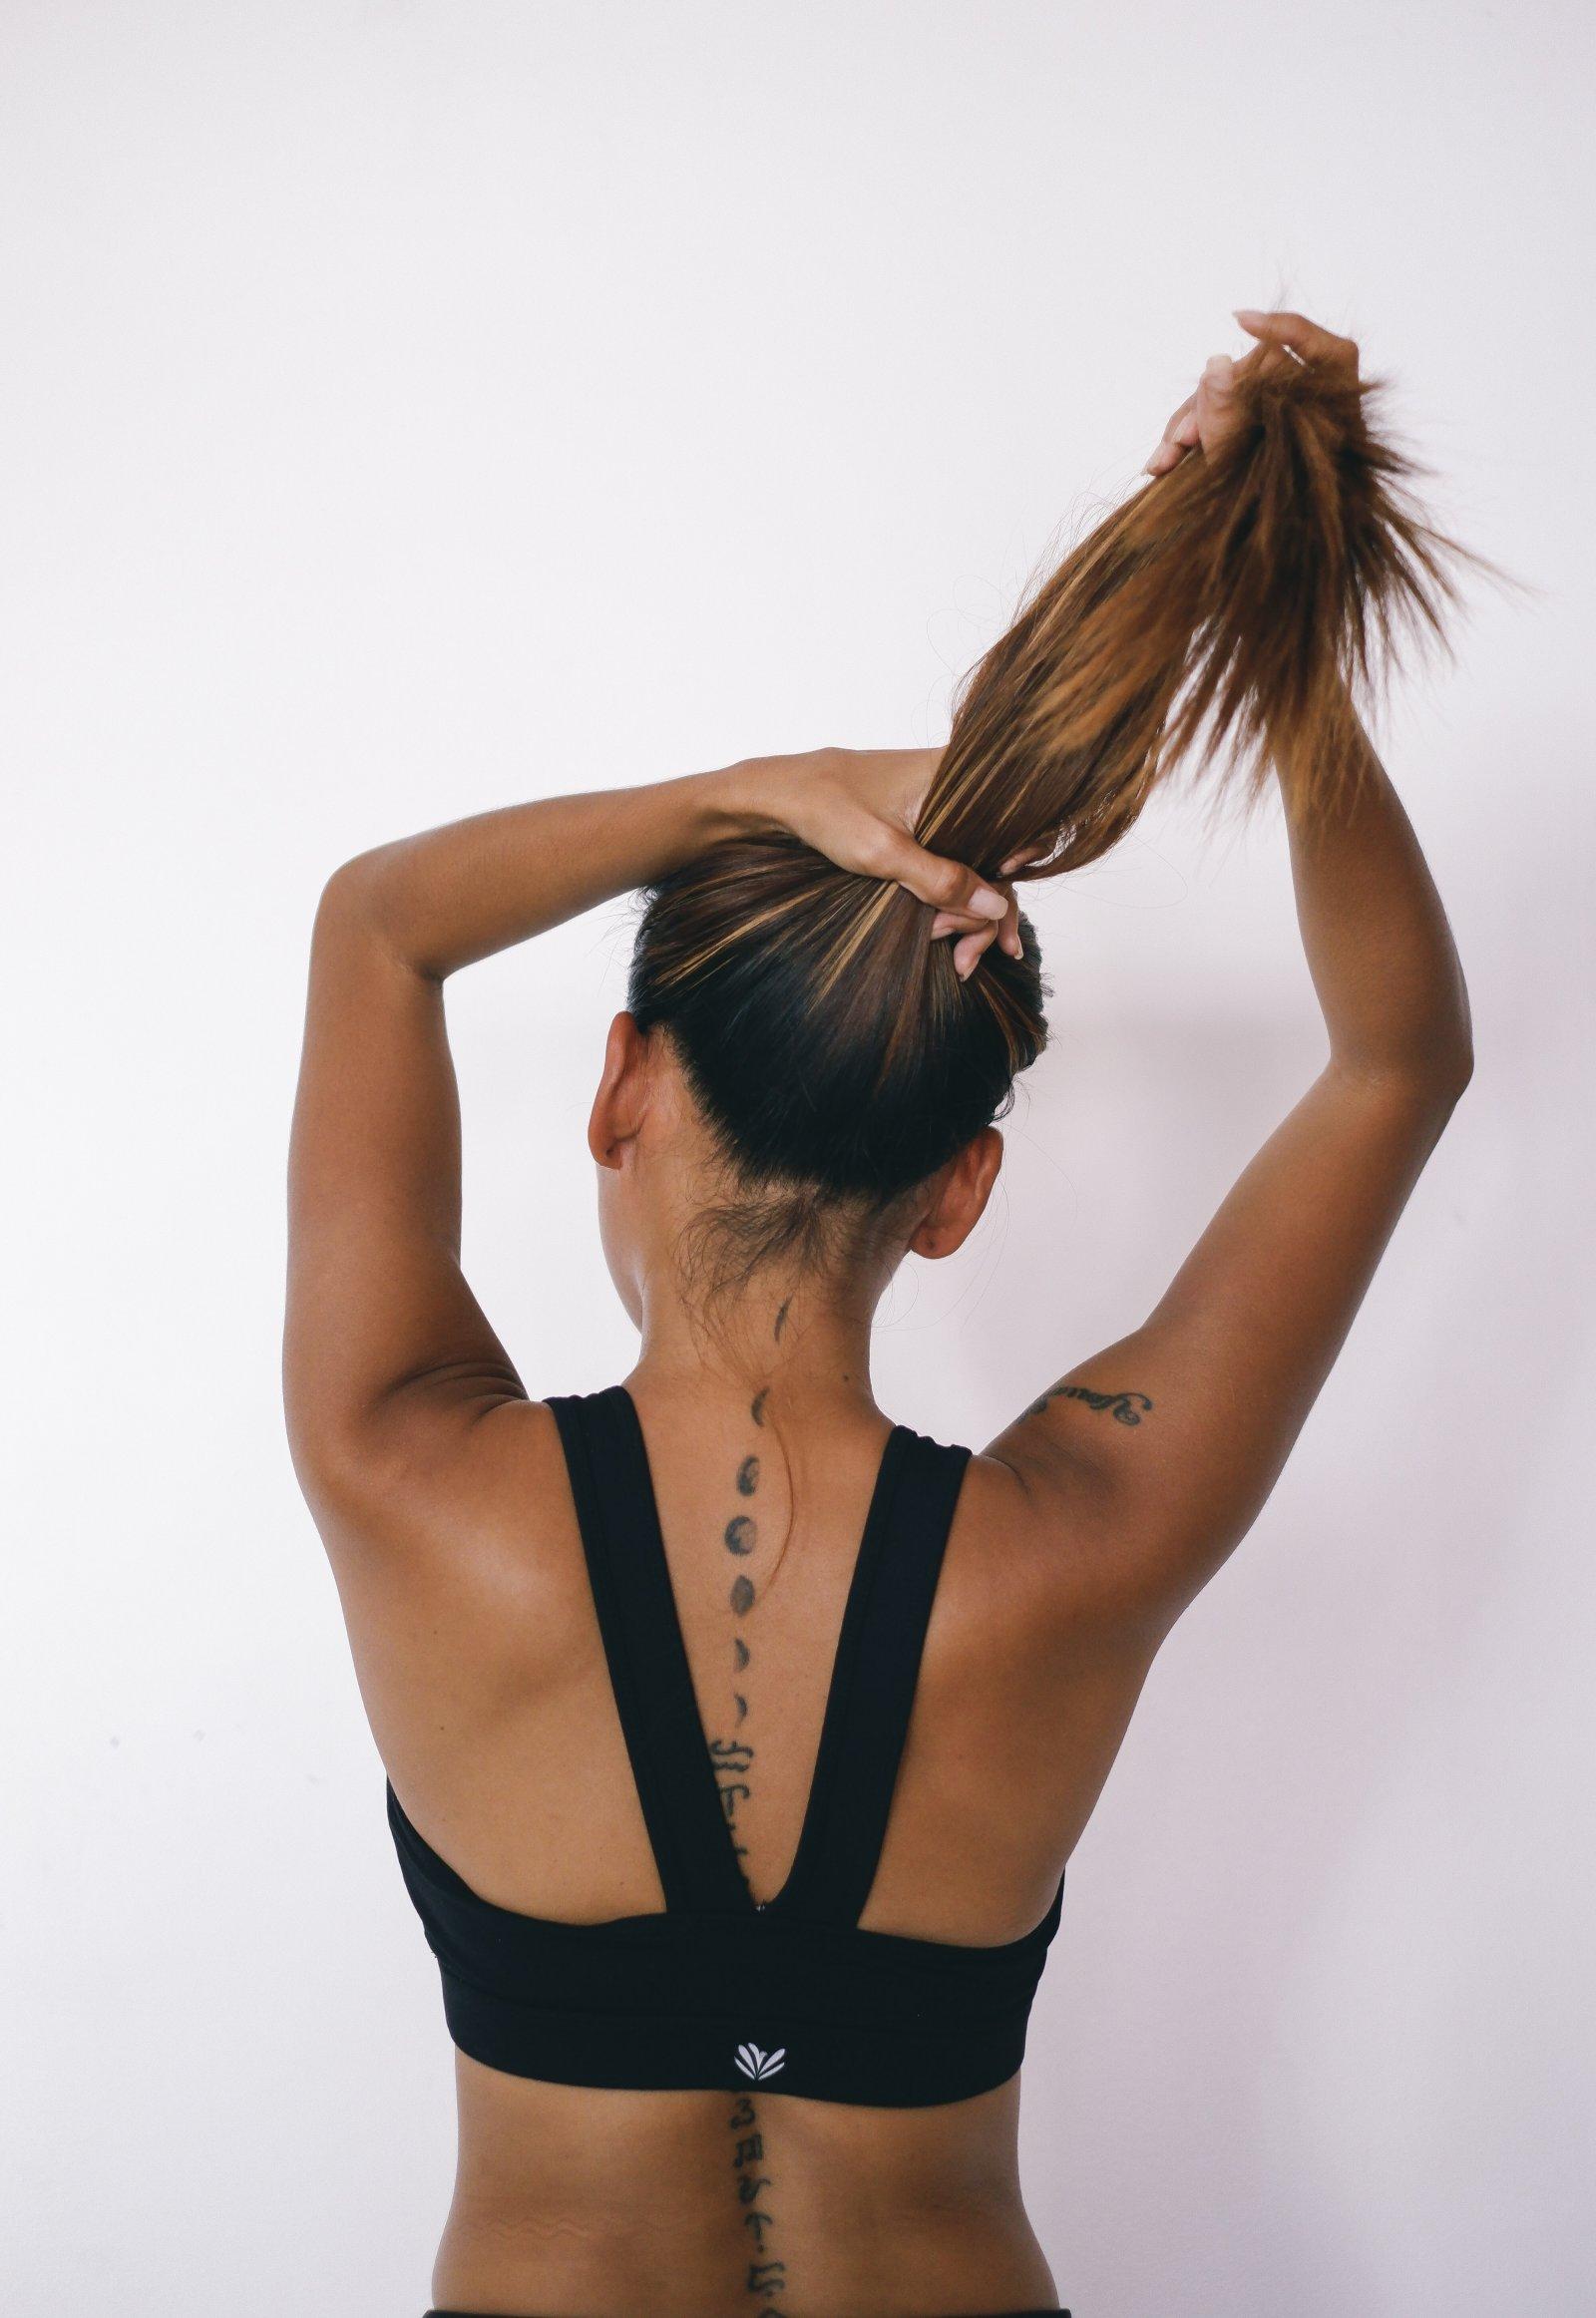 juuksed langevad ja kaalulangus kaalulangus bfp